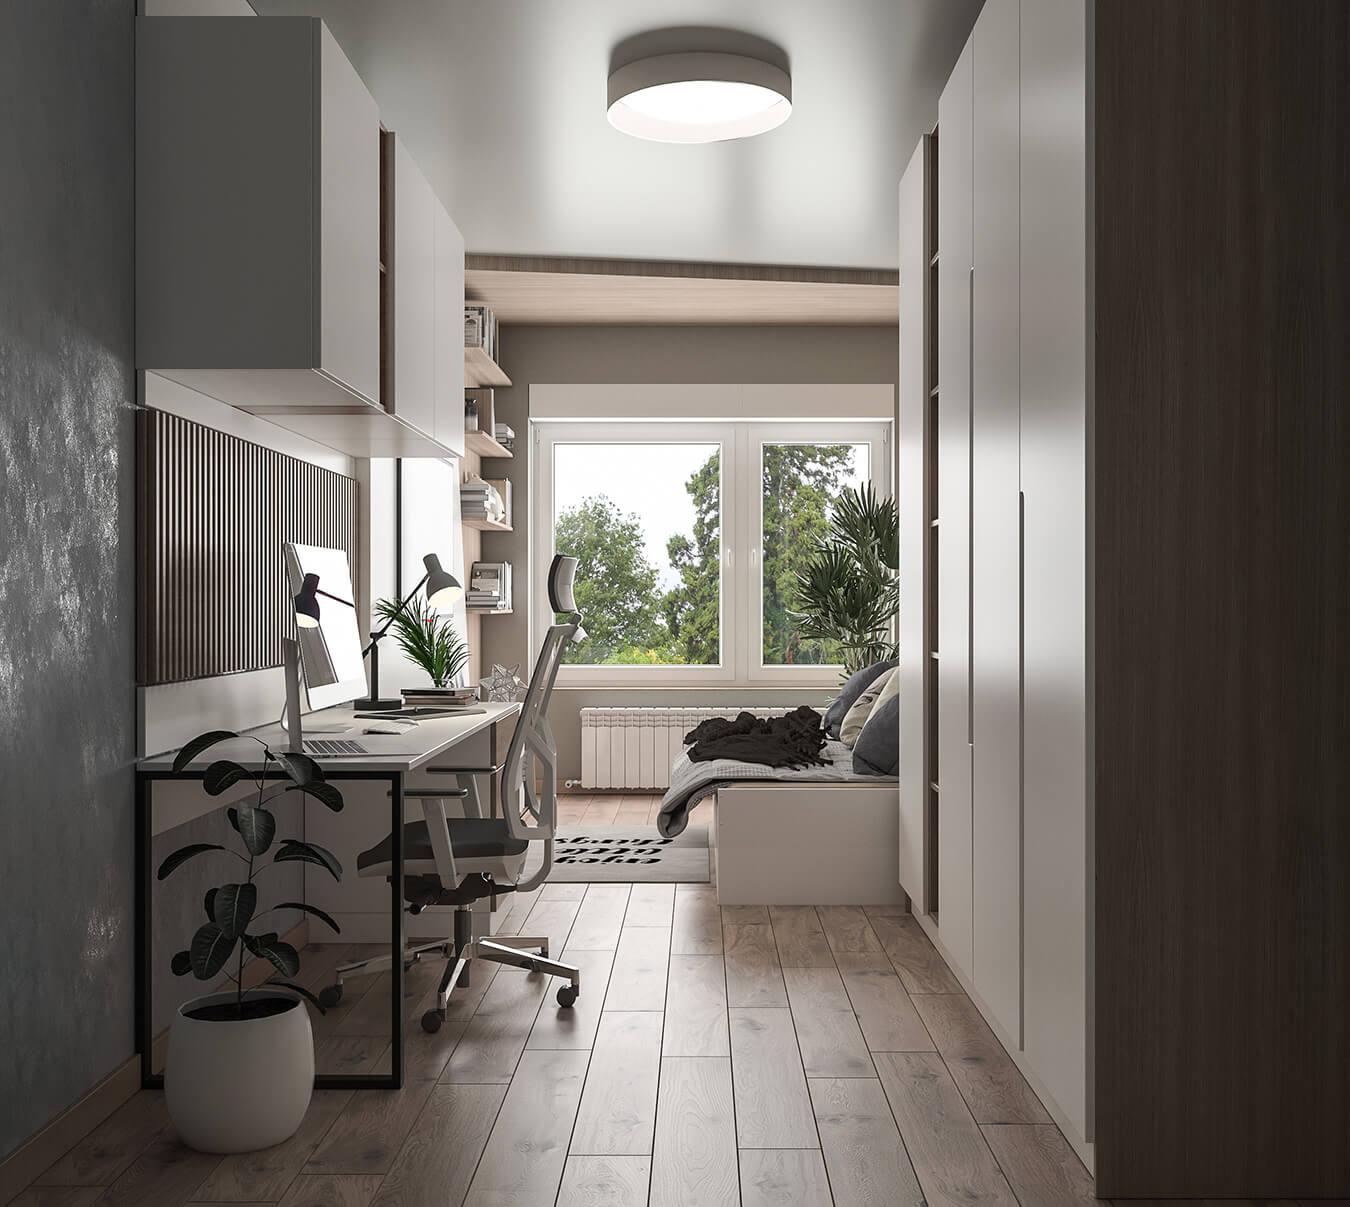 interioren-dizain-proekt-na-momicheshka-staya